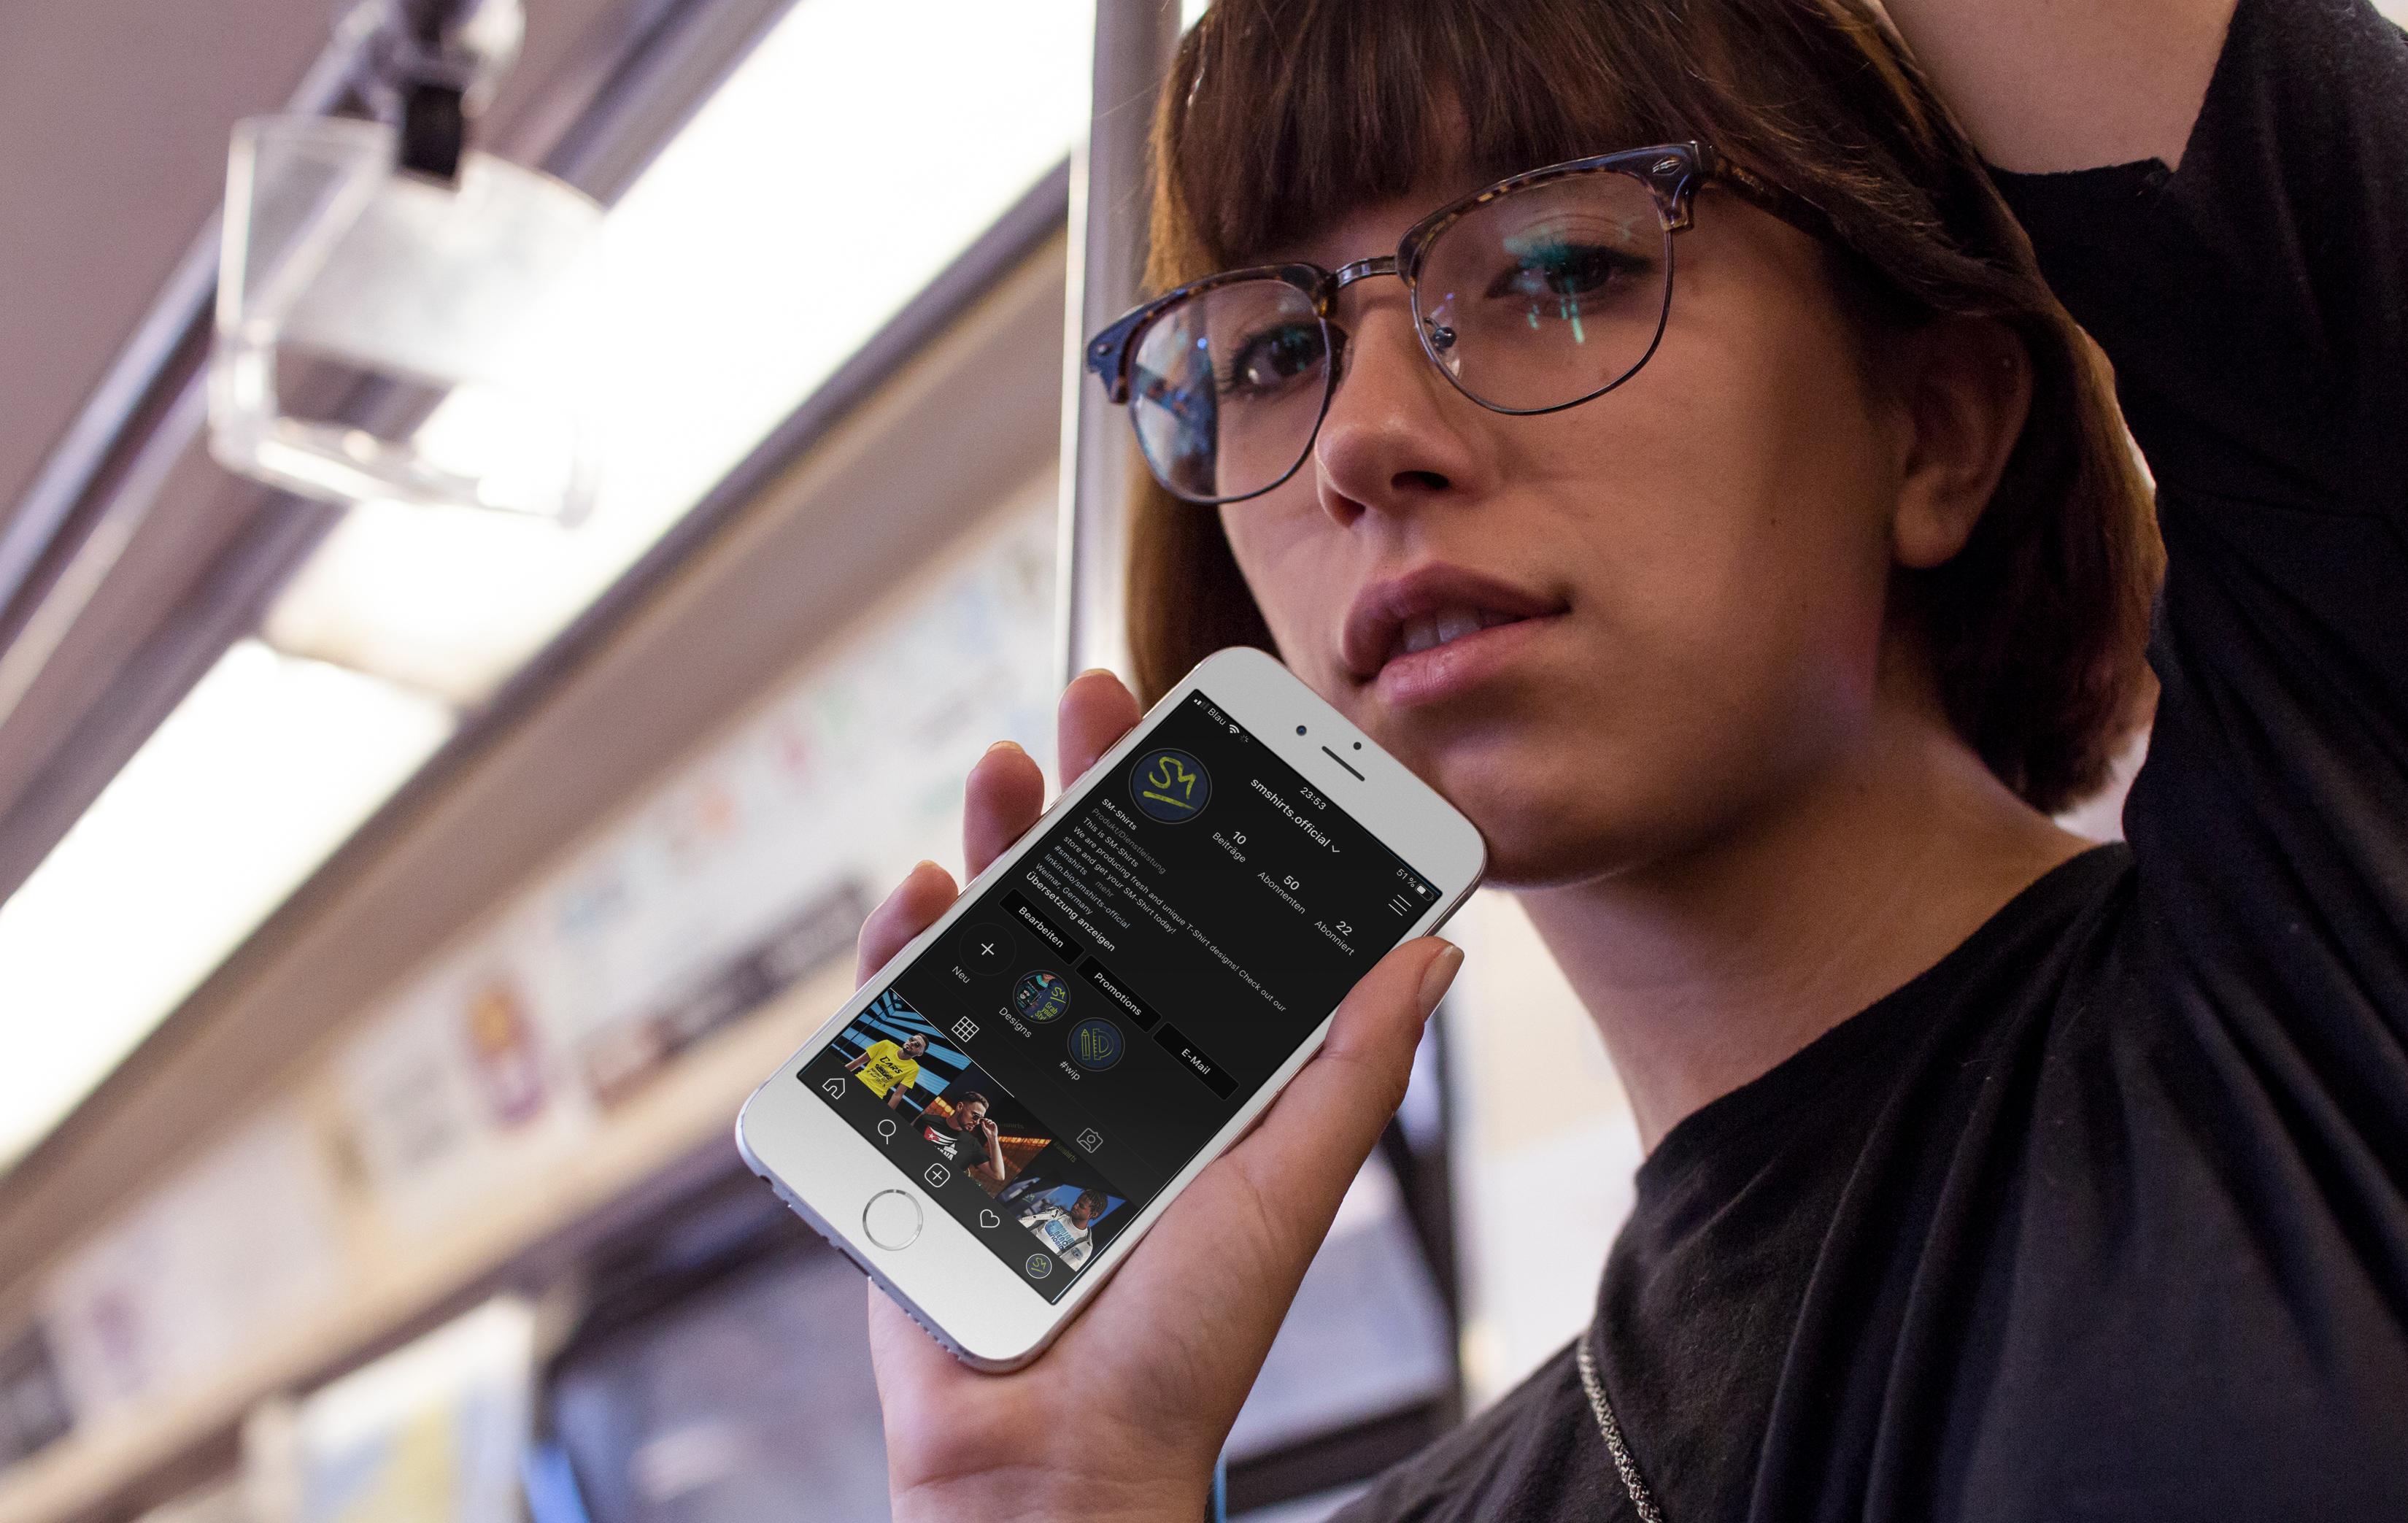 Junge Frau mit einem Smartphone. Es zeigt die Social-Media-Marketing präsenz auf Instagram